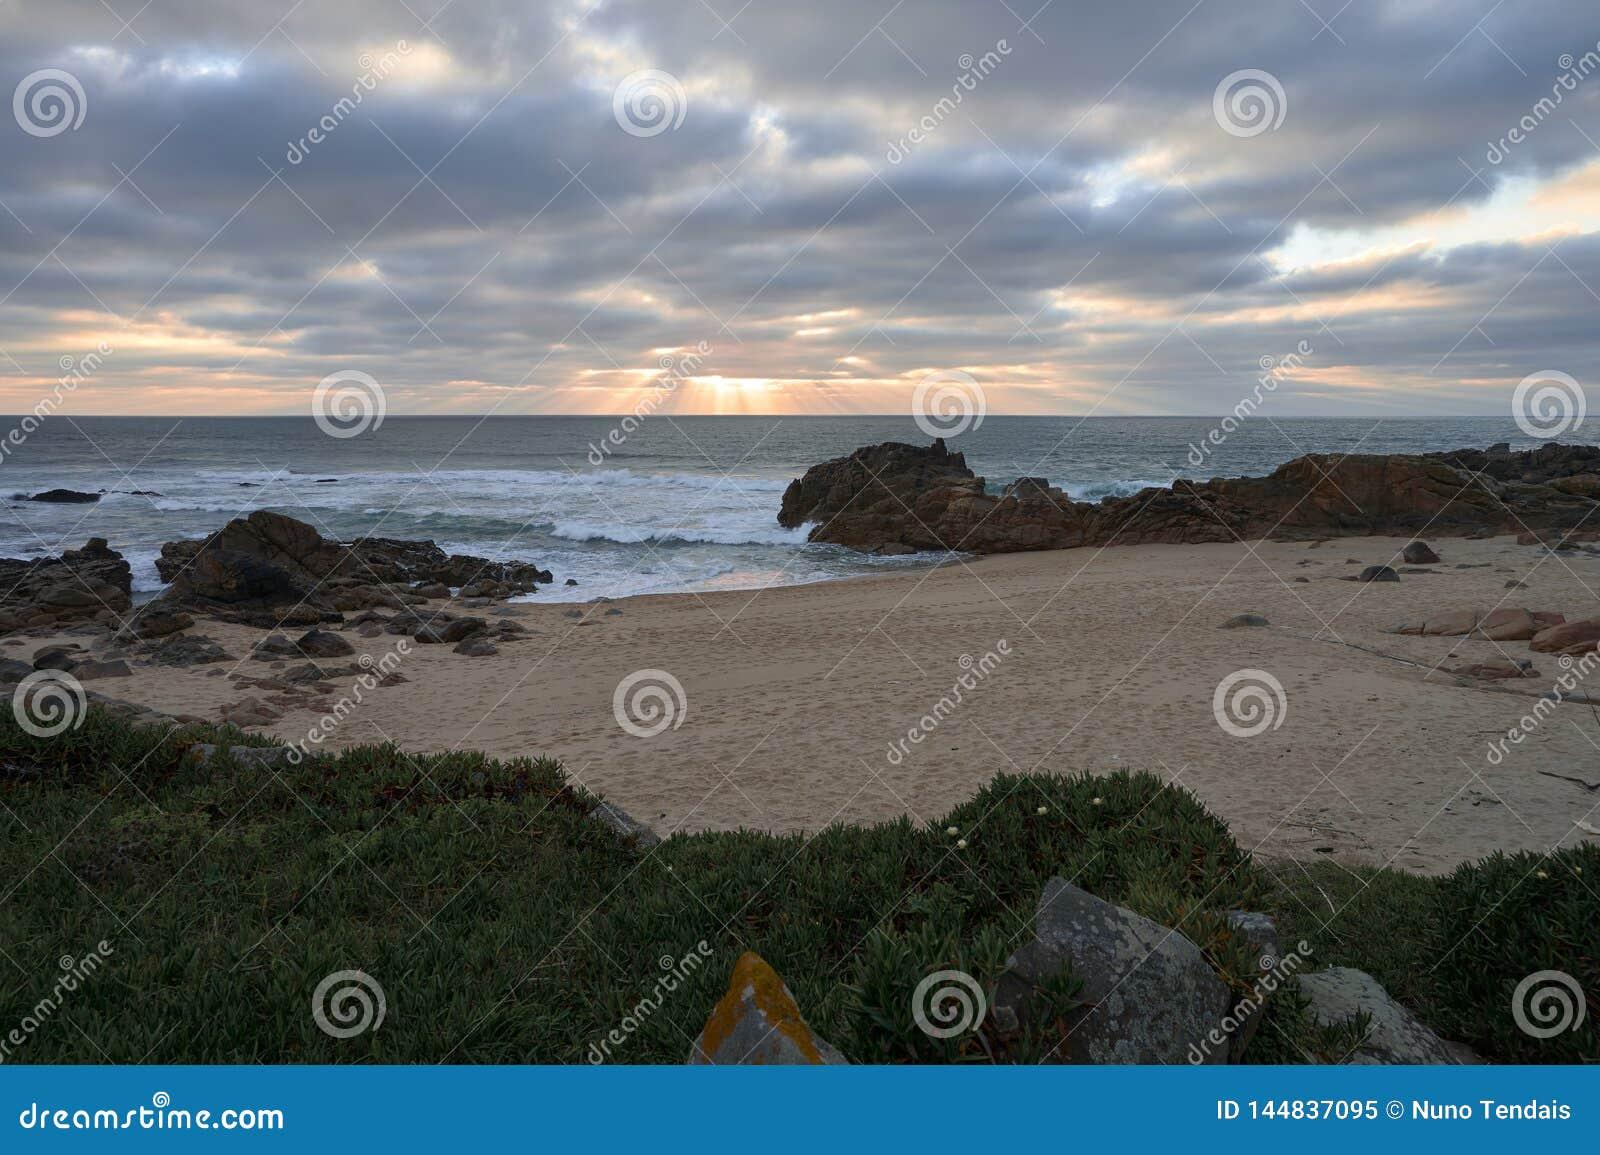 Tramonto sotto le nuvole scure su una spiaggia rocciosa